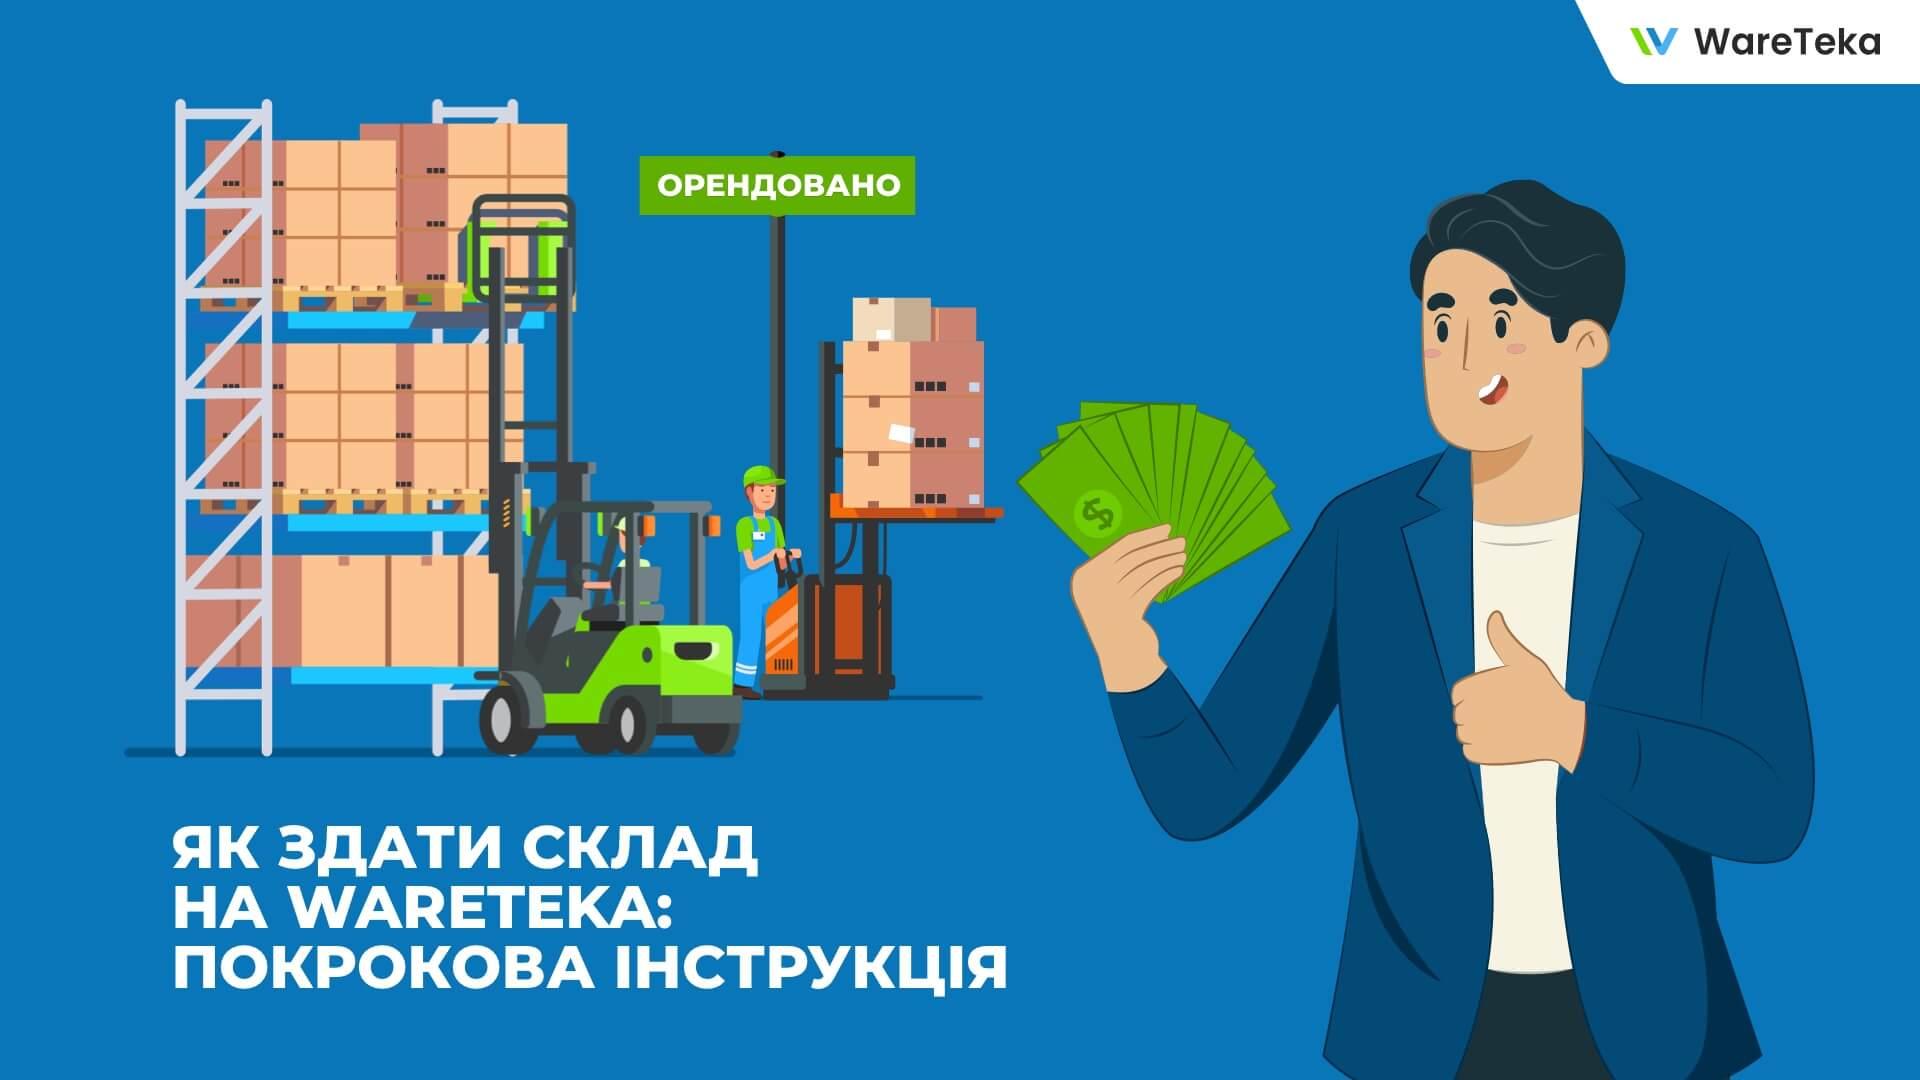 Размещаем объявление аренды склада на WareTeka: пошаговая инструкция